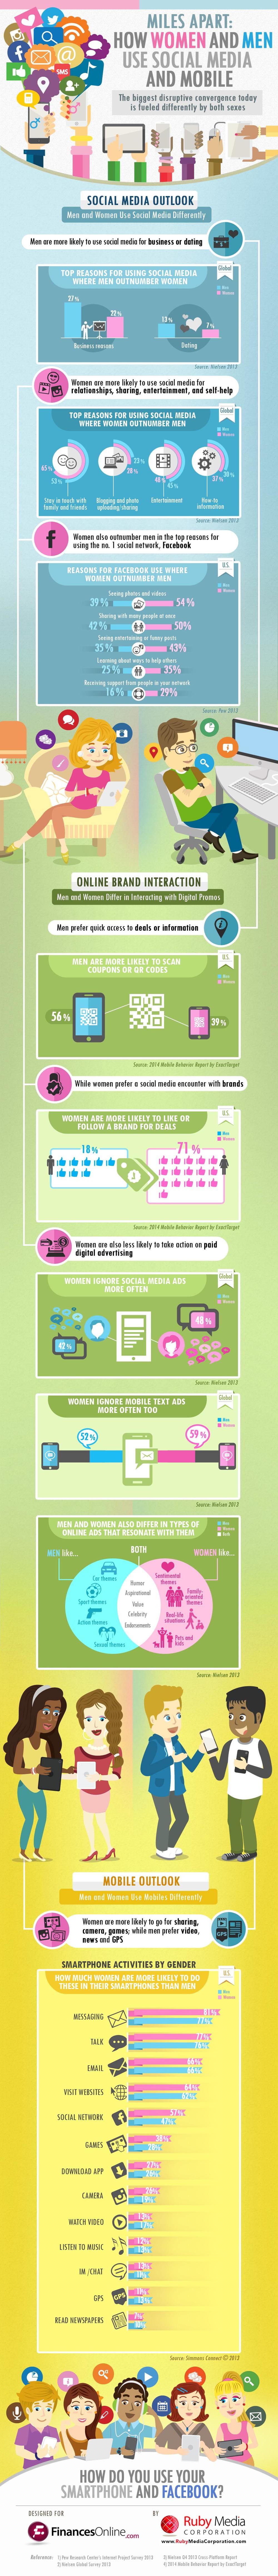 men-women-social-mobile